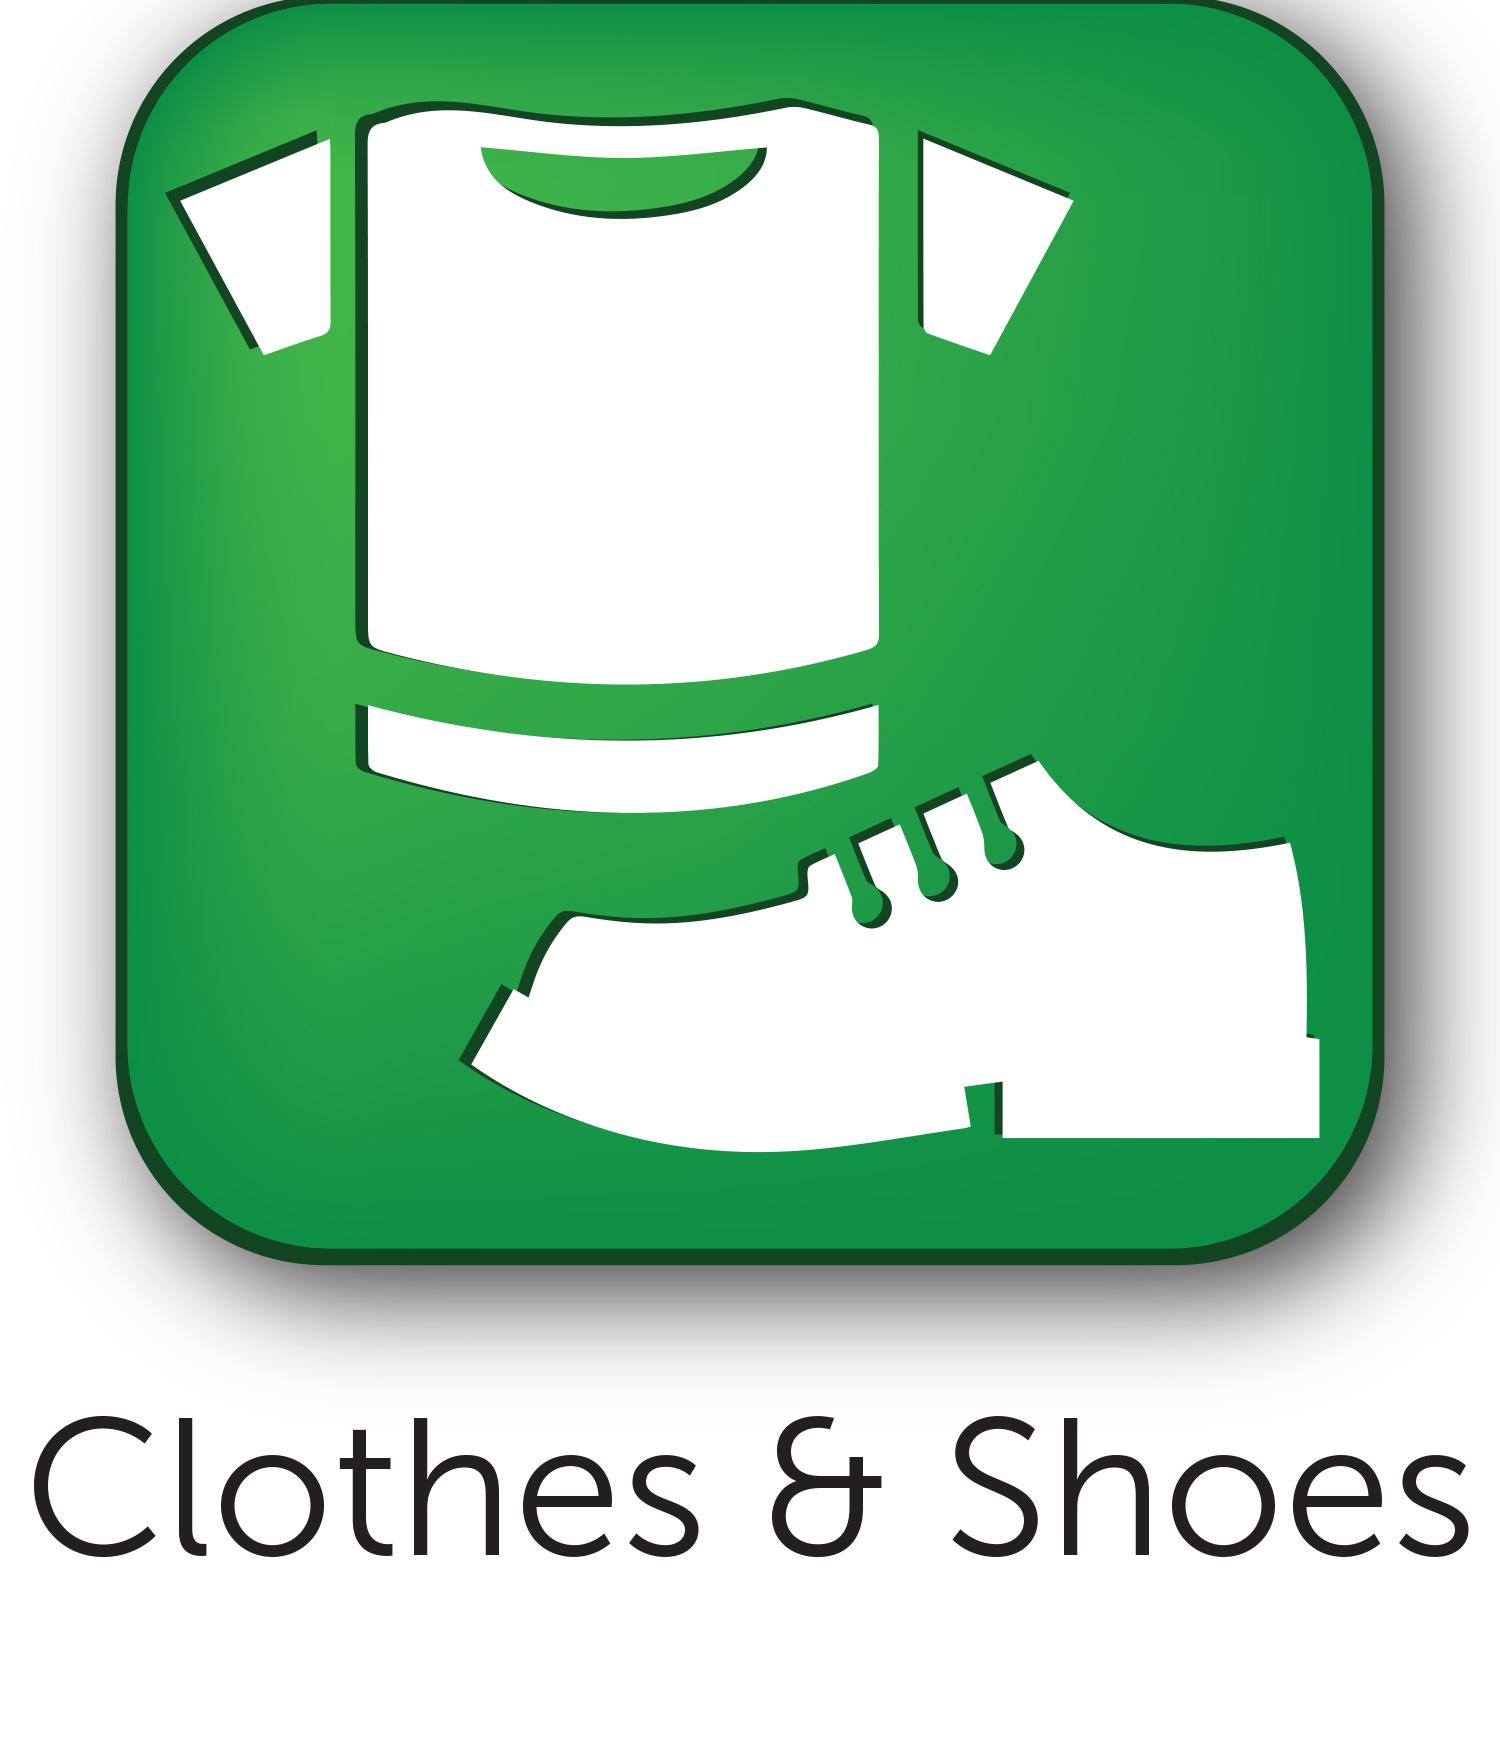 shoe recycling drop off locations - Style Guru: Fashion ...